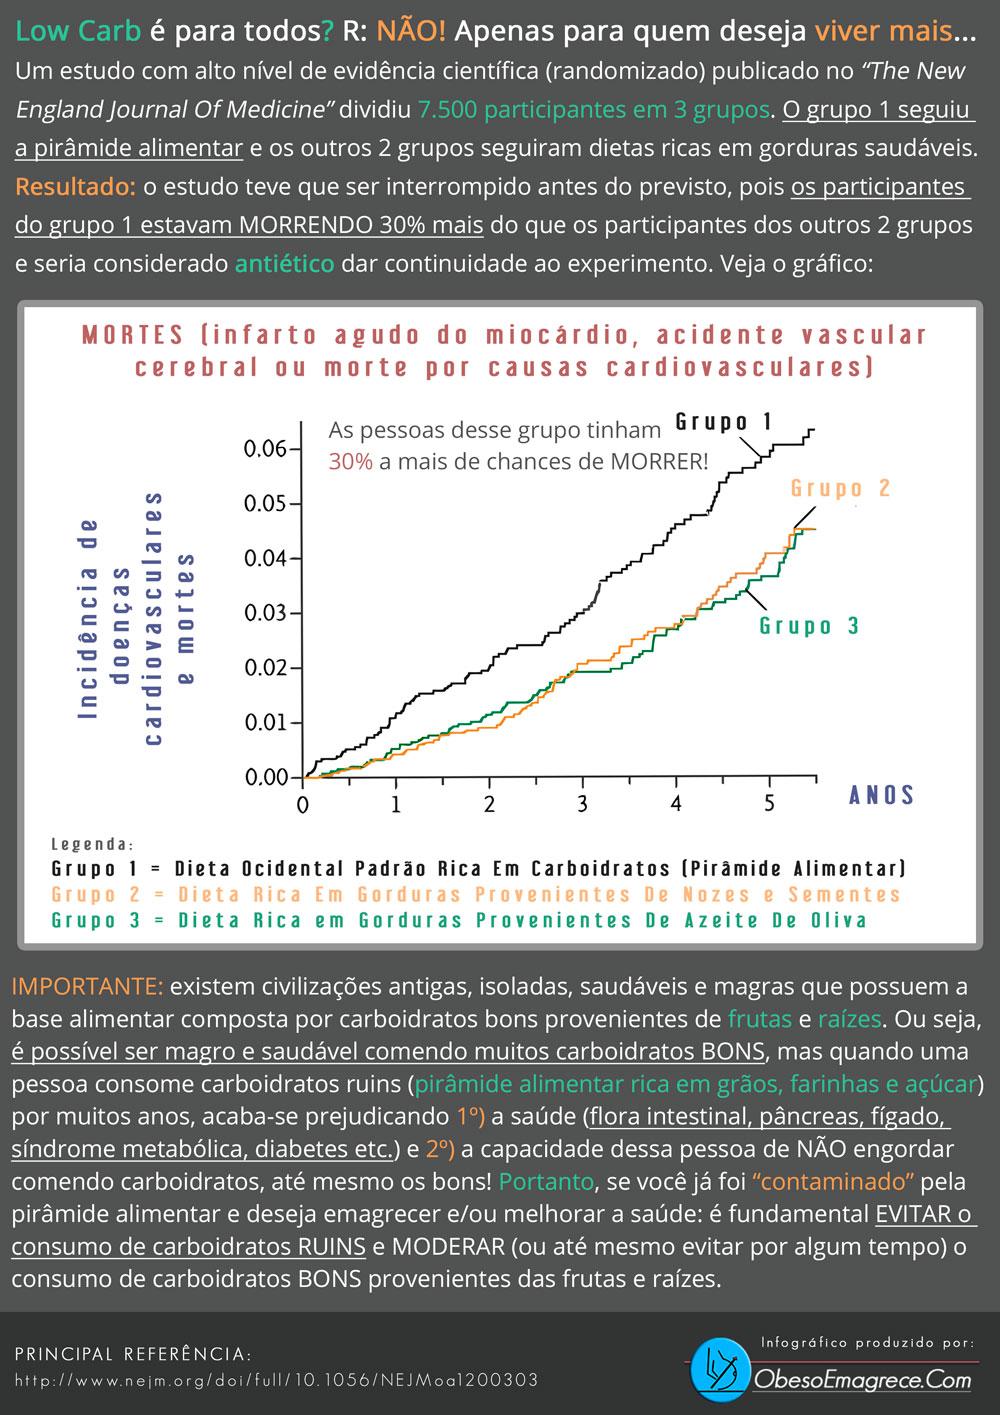 low carb é para todos?   infográfico demonstrando que pessoas que seguem a pirâmide alimentar morrem mais do que quem faz low carb